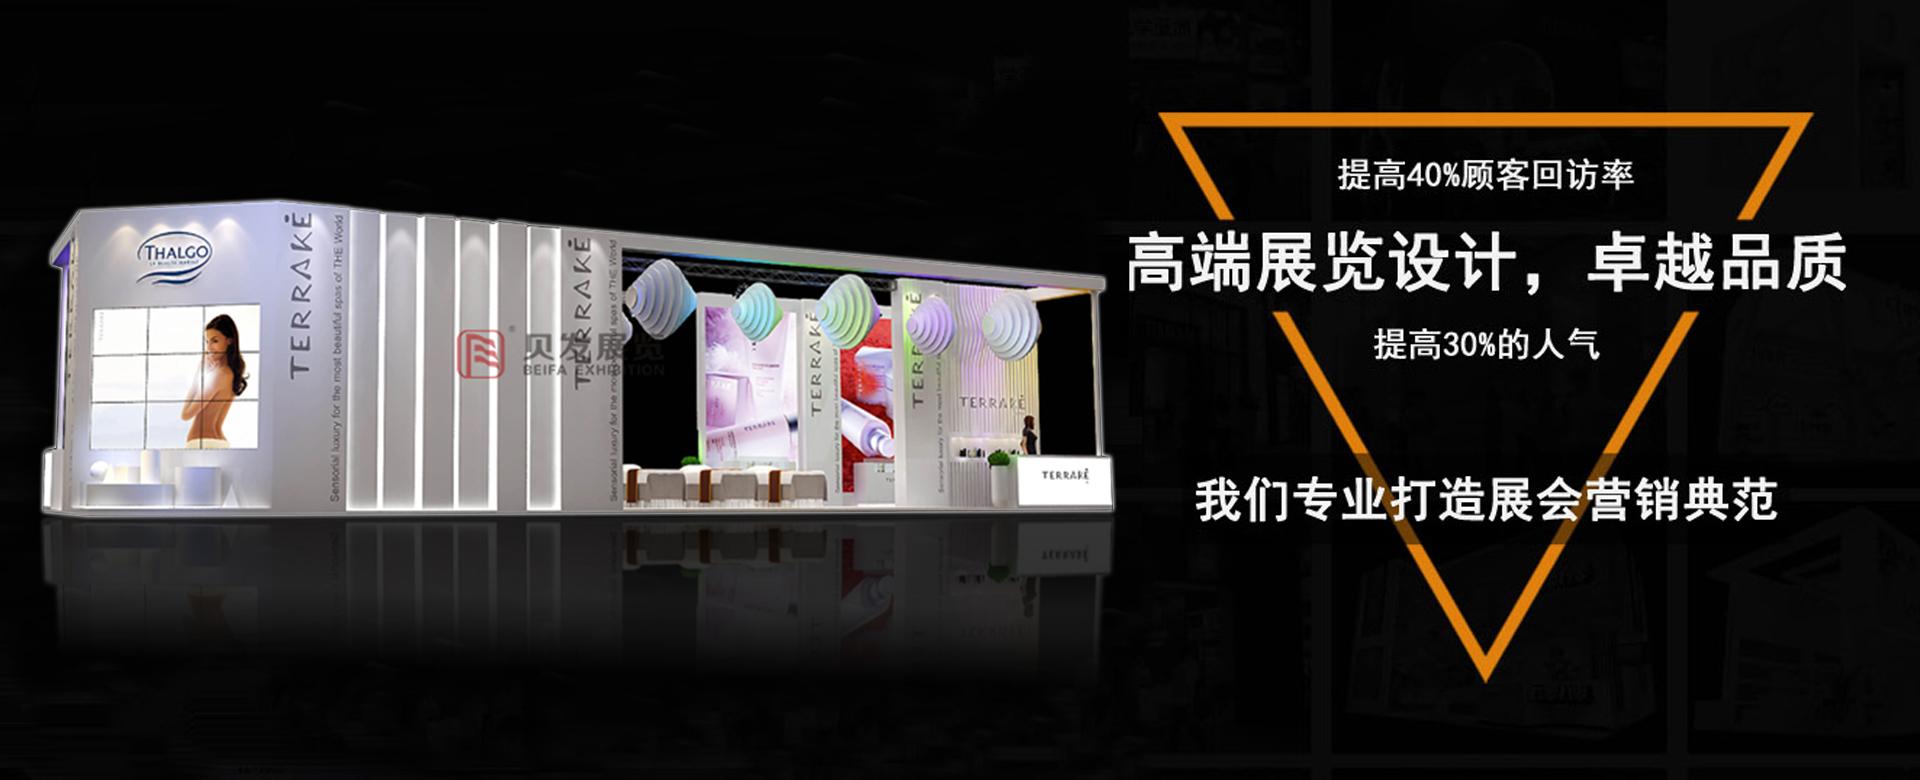 广州贝发展览设计